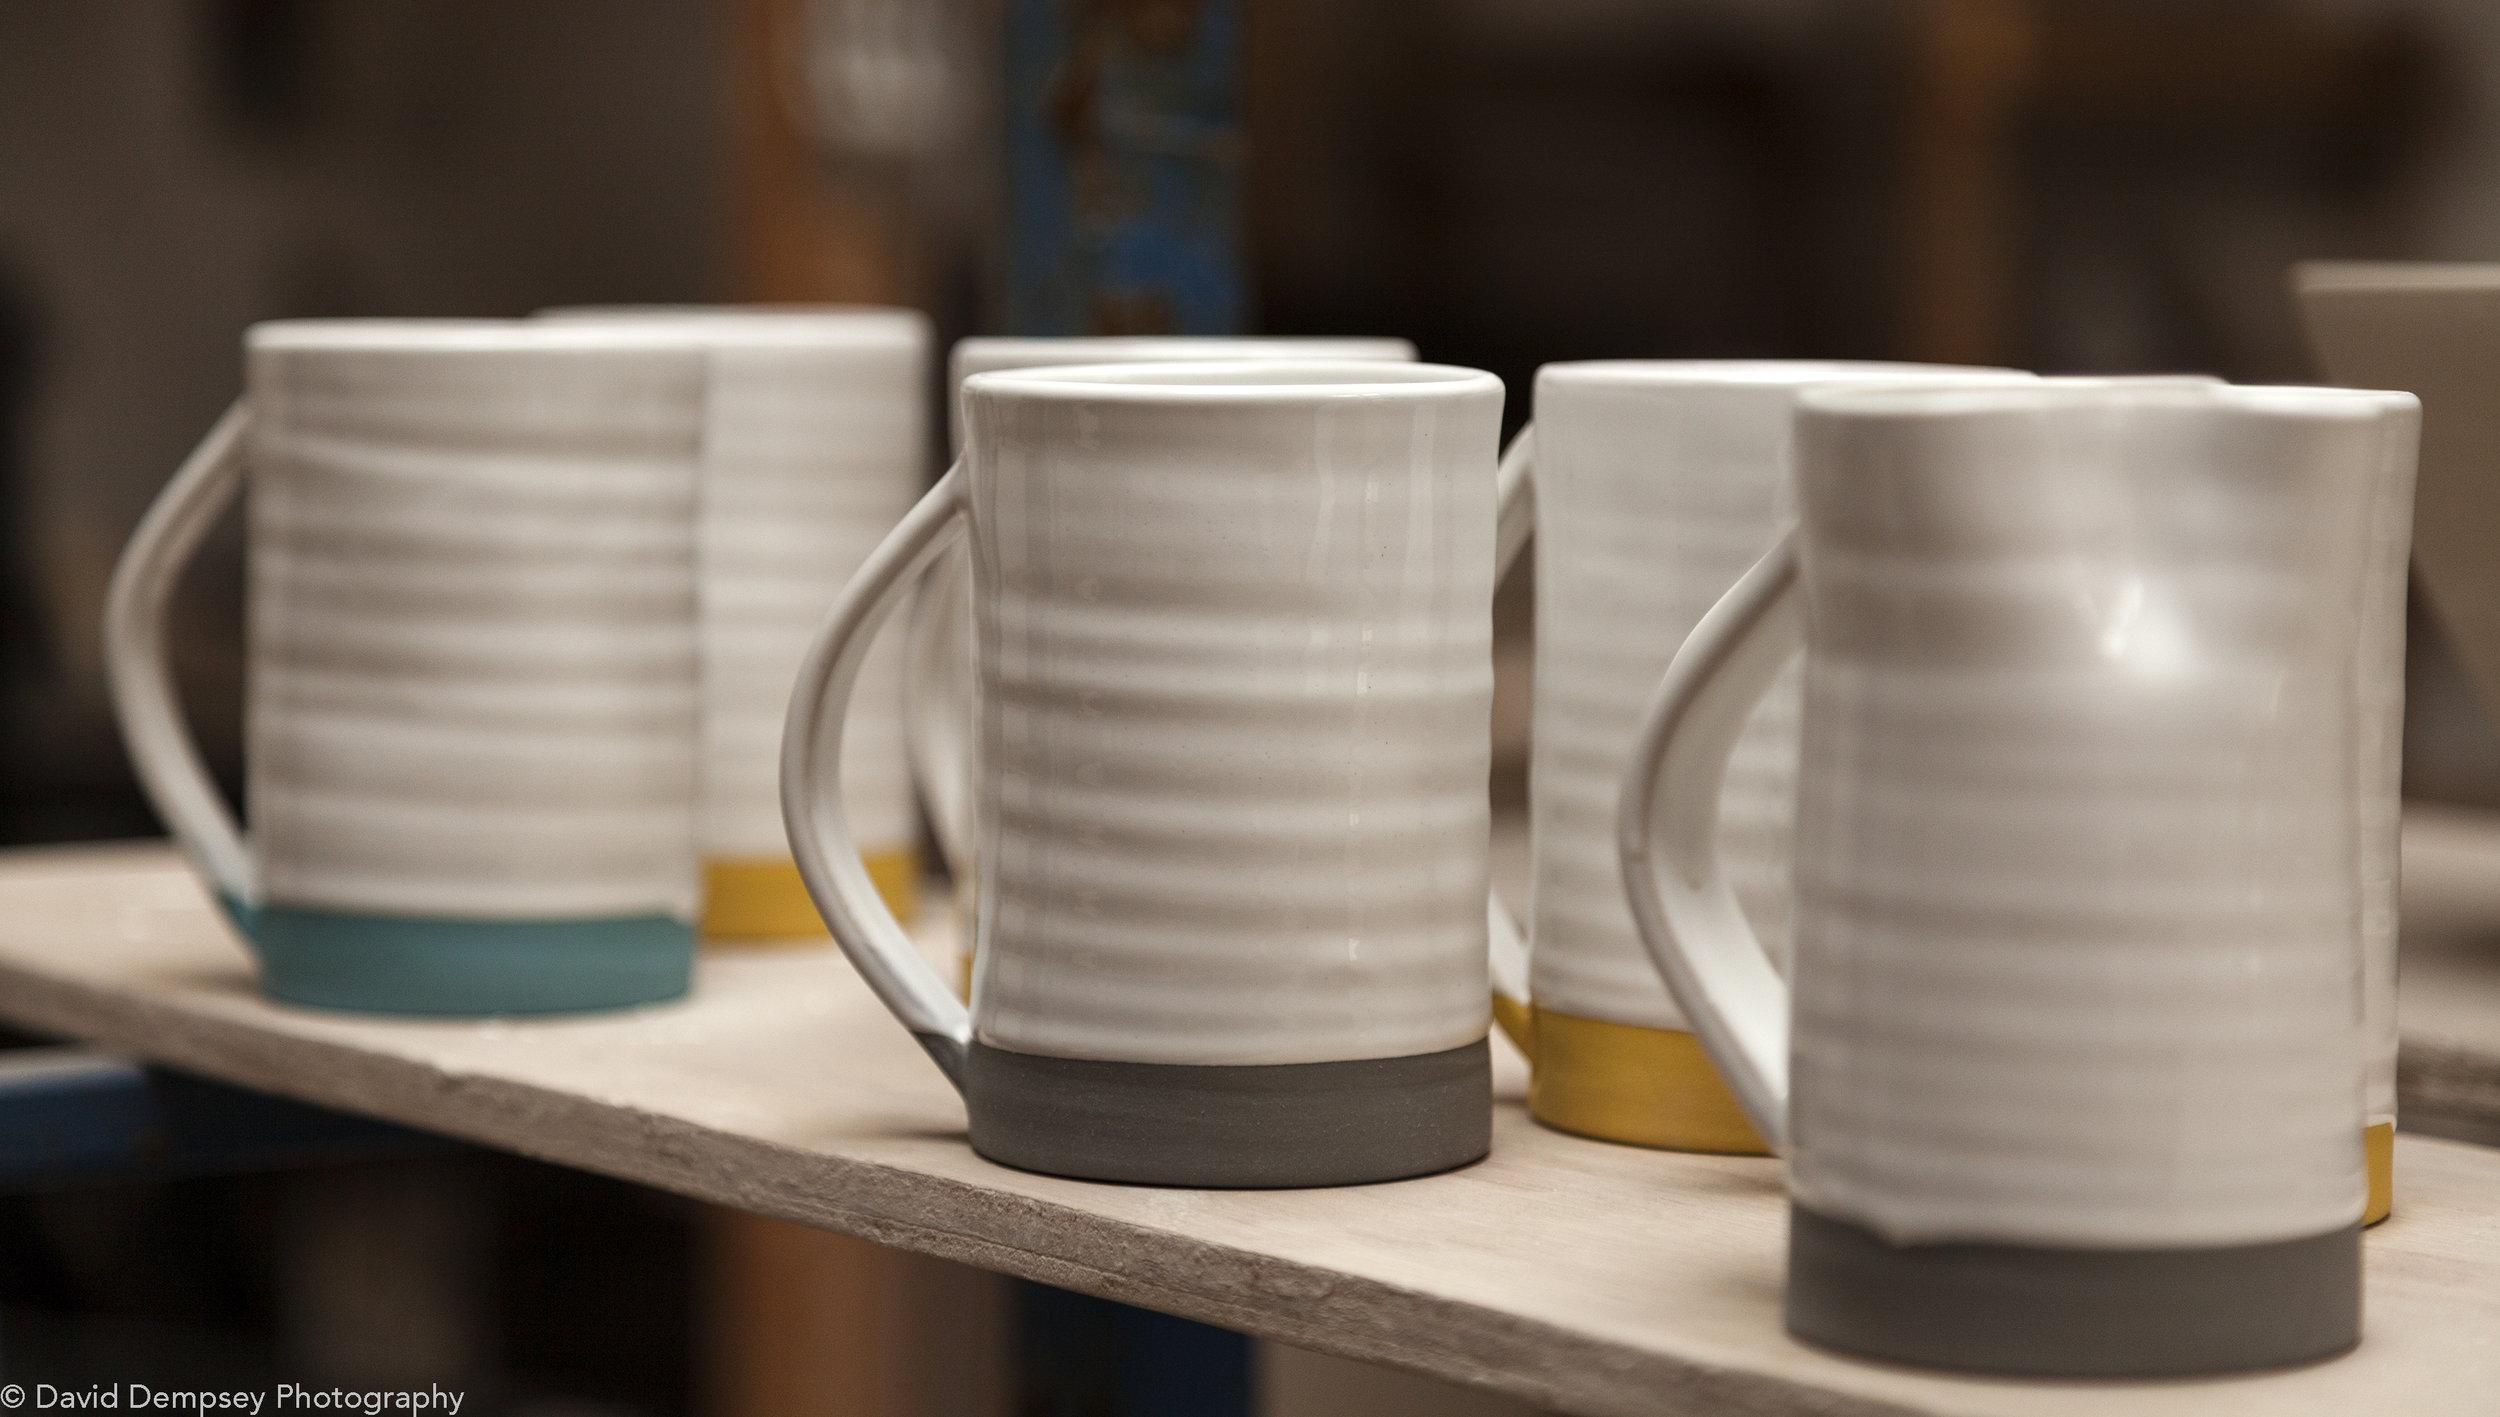 Diem Pottery - Mugs in workshop